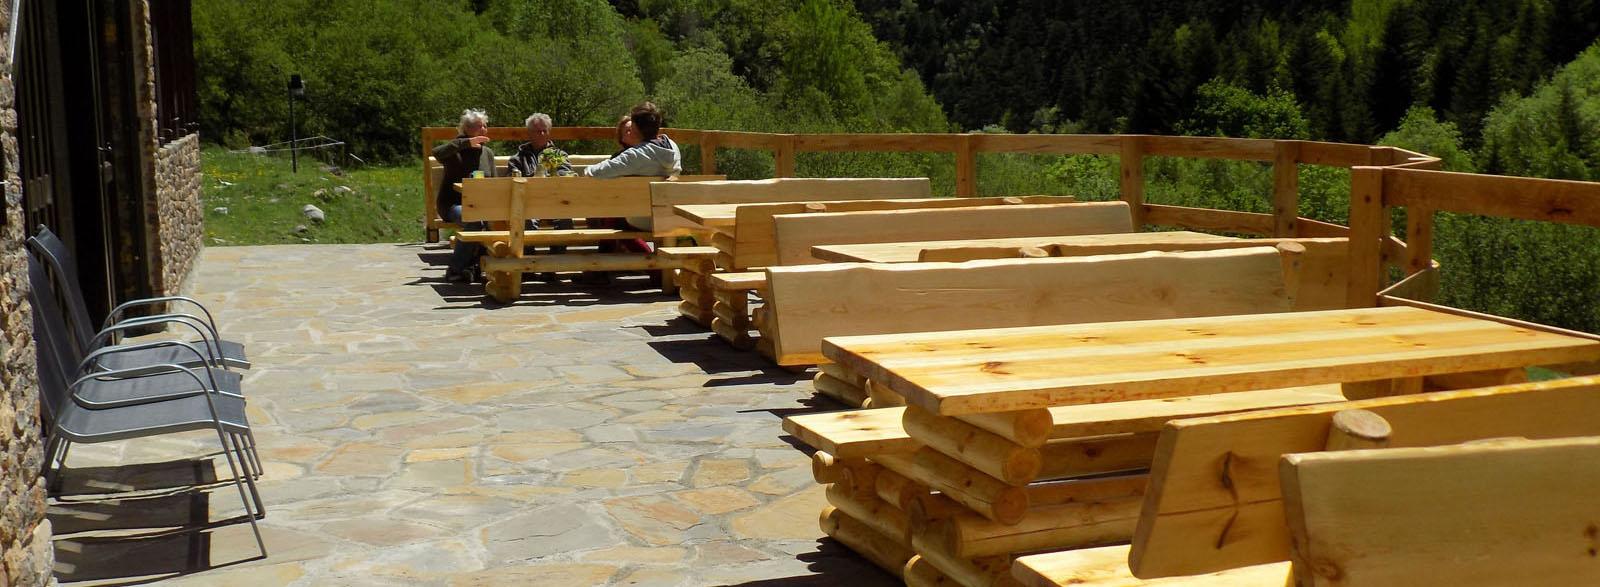 refugi-fornet-terrassa